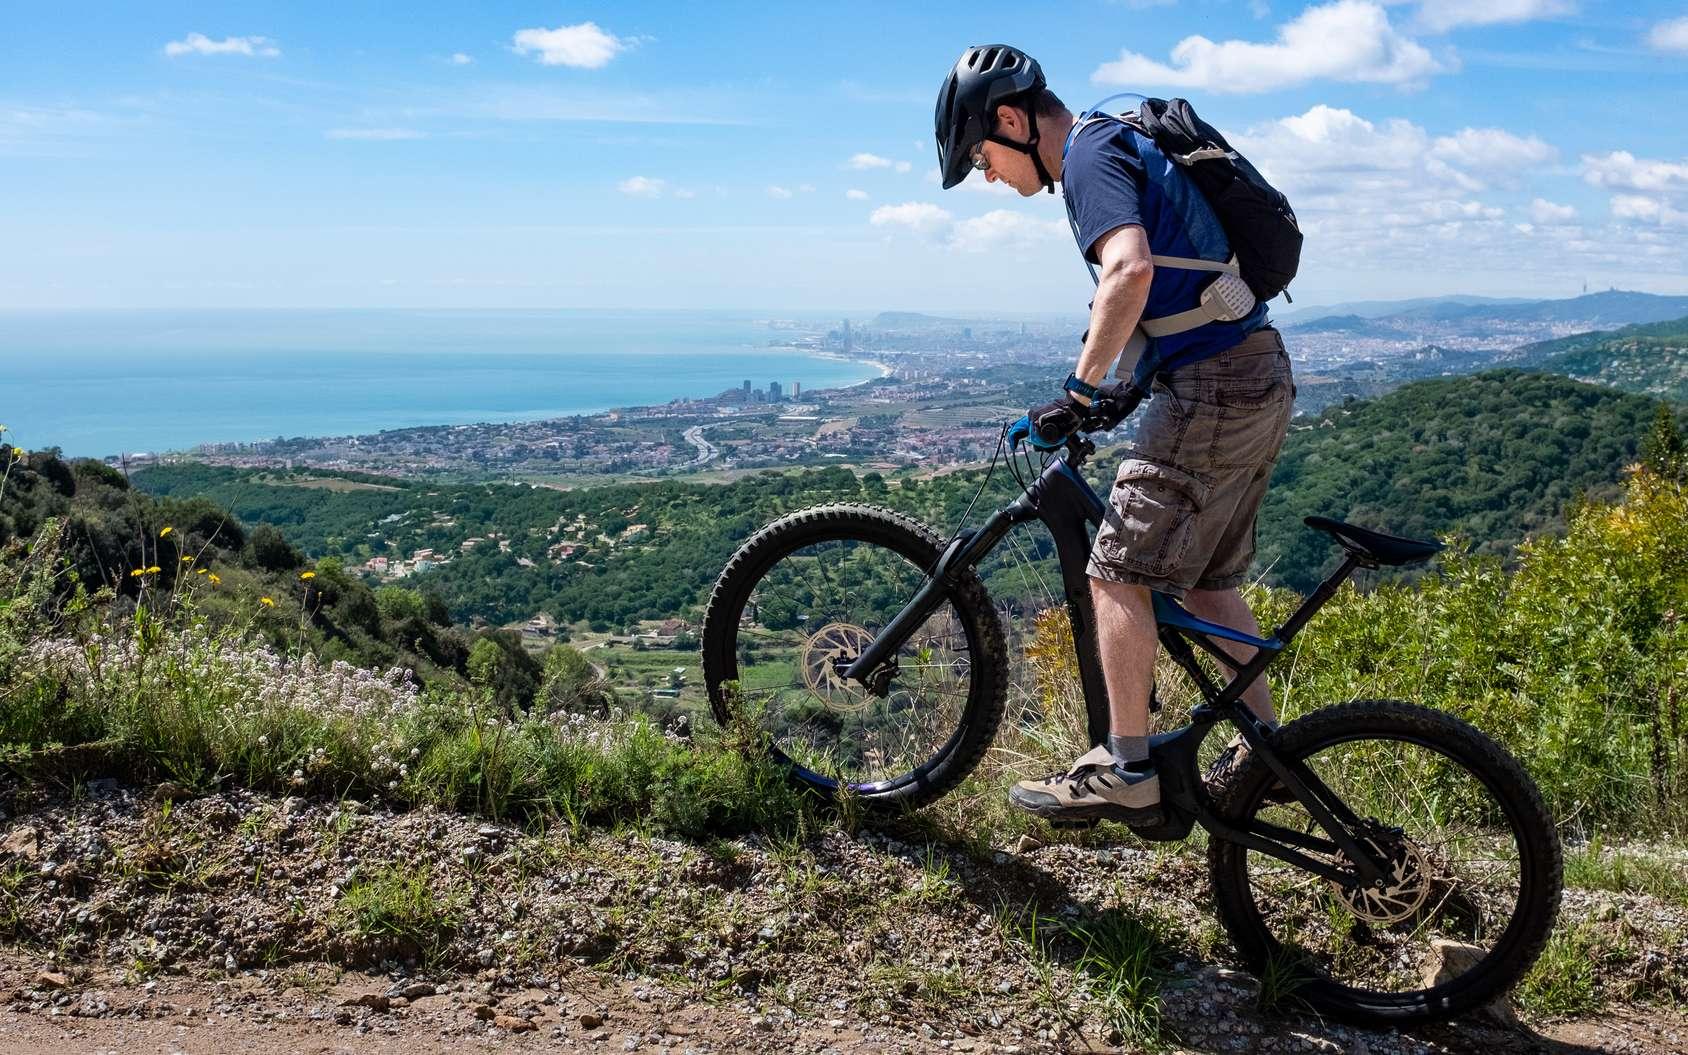 Yamaha est l'un des principaux concurrents de Bosch sur le marché des vélos électriques. © PR_DE, Fotolia